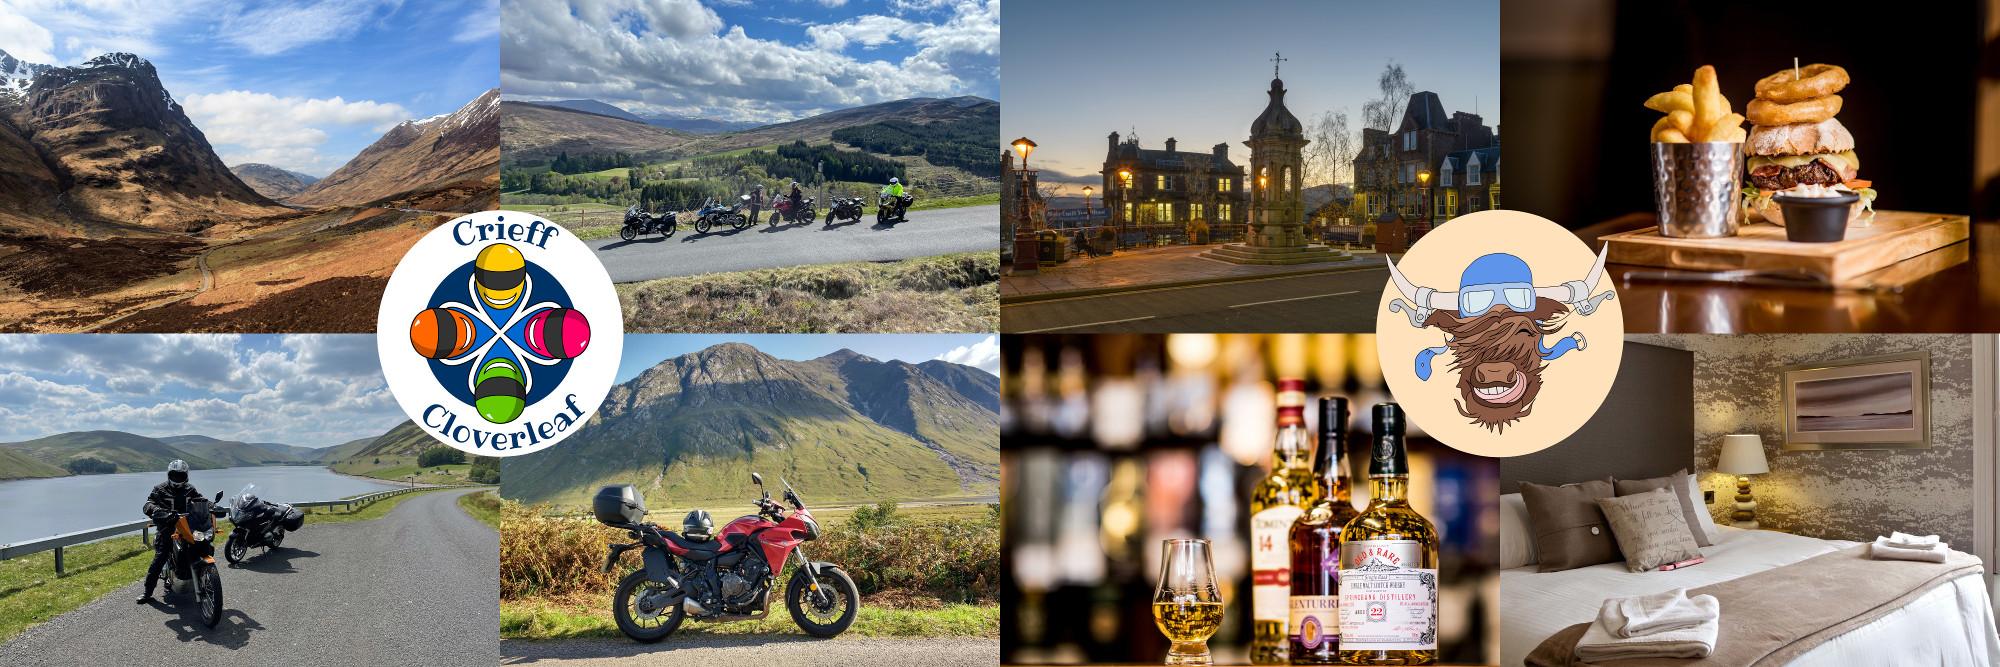 Crieff Cloverleaf - Scotland, for bikers, by bikers.